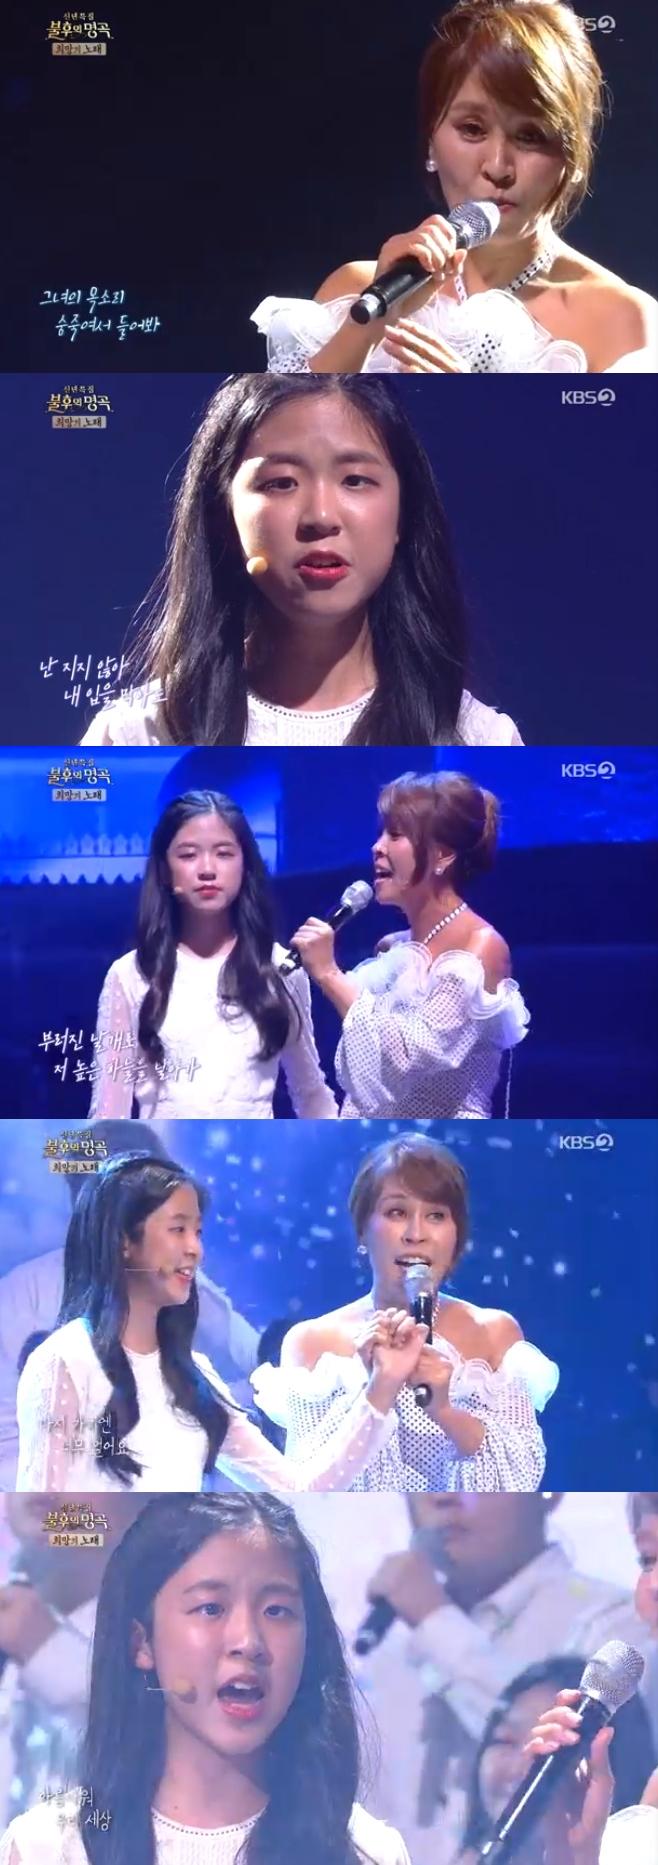 KBS 불후의 명곡, 백청강 송소희 안예은 최성수 앤씨아 홍경민 더헤이마 골든 최정원 이소정